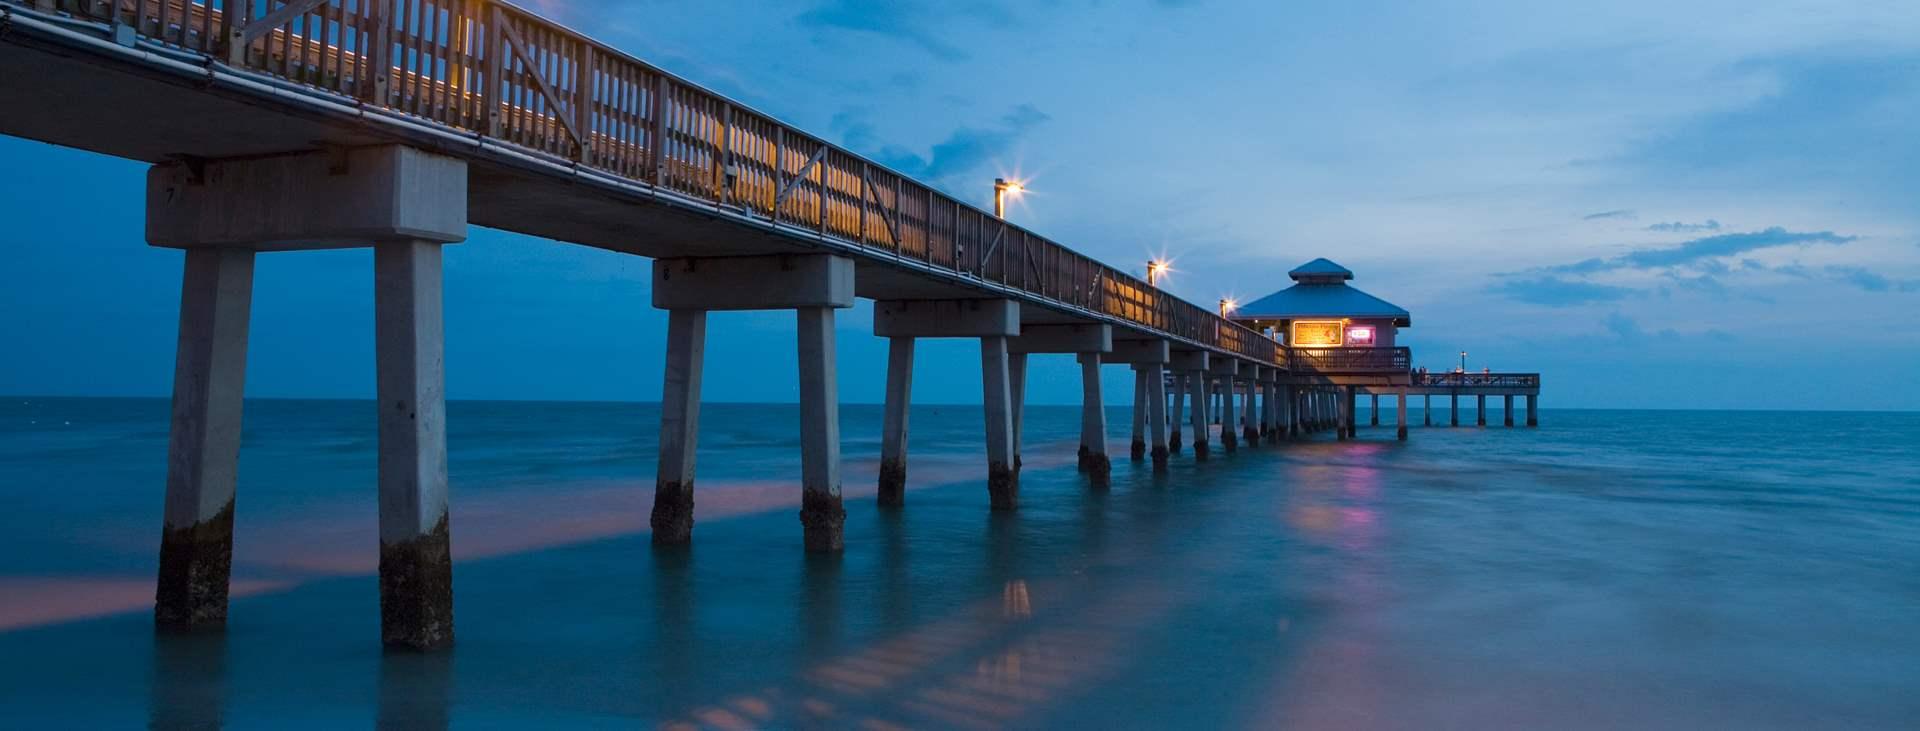 Boka en resa till Fort Myers Beach i Florida - upplev USA med Ving